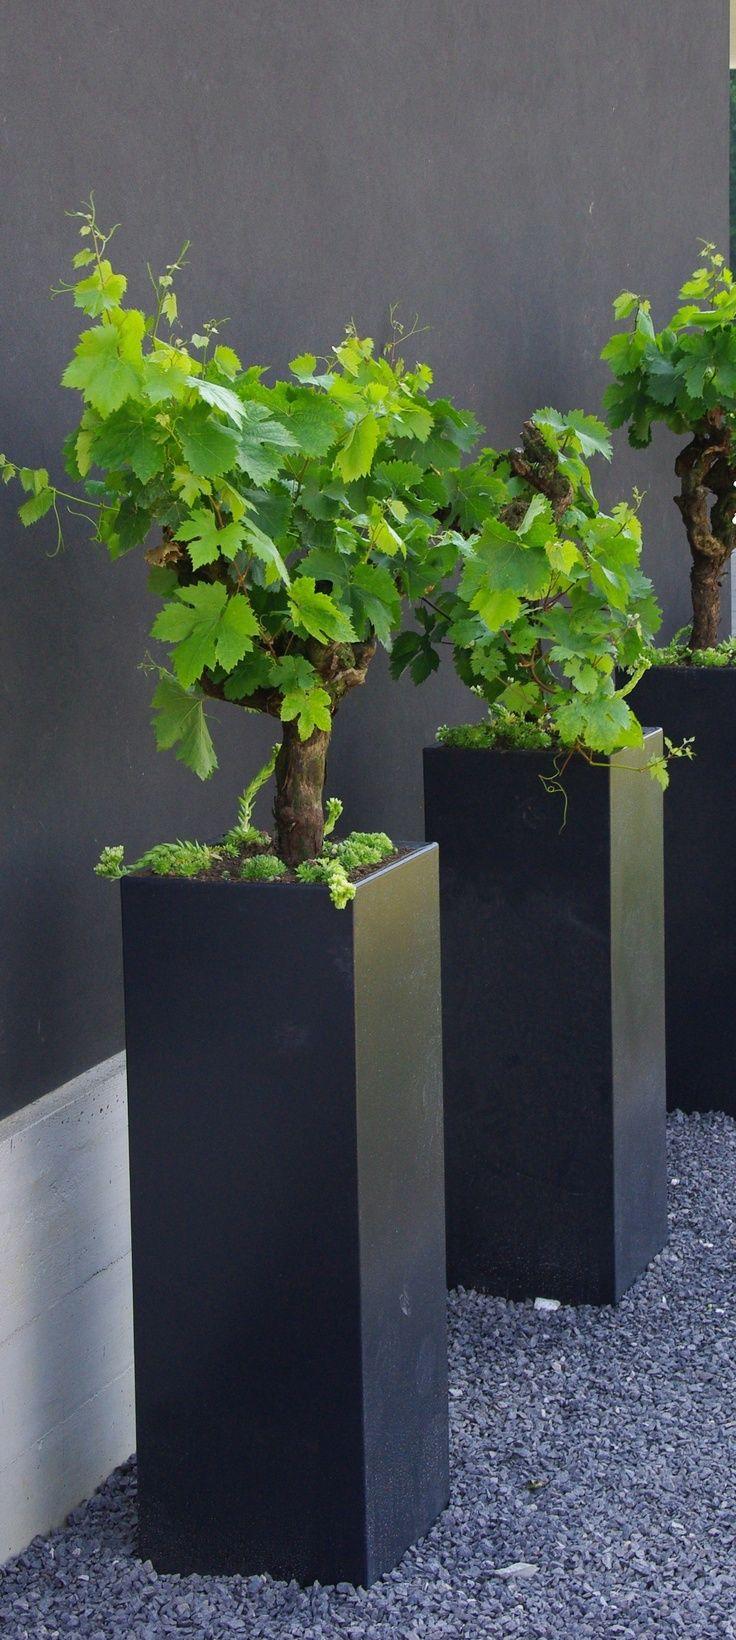 huisjekijken gespot | fruitbomen in pot